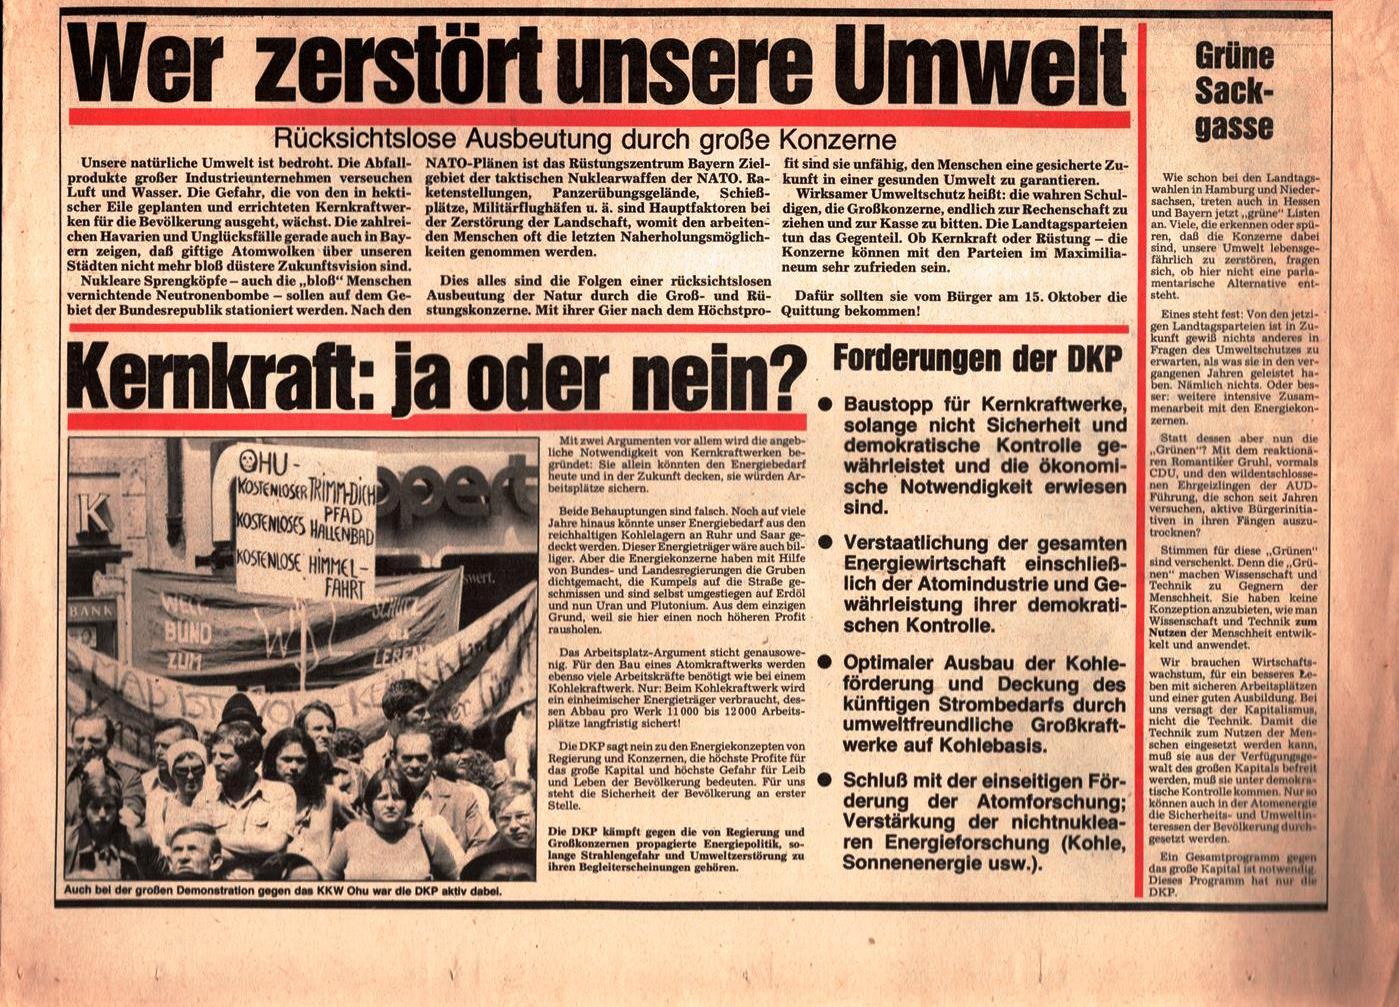 Muenchen_DKP_Neues_Muenchen_19780900_010_006